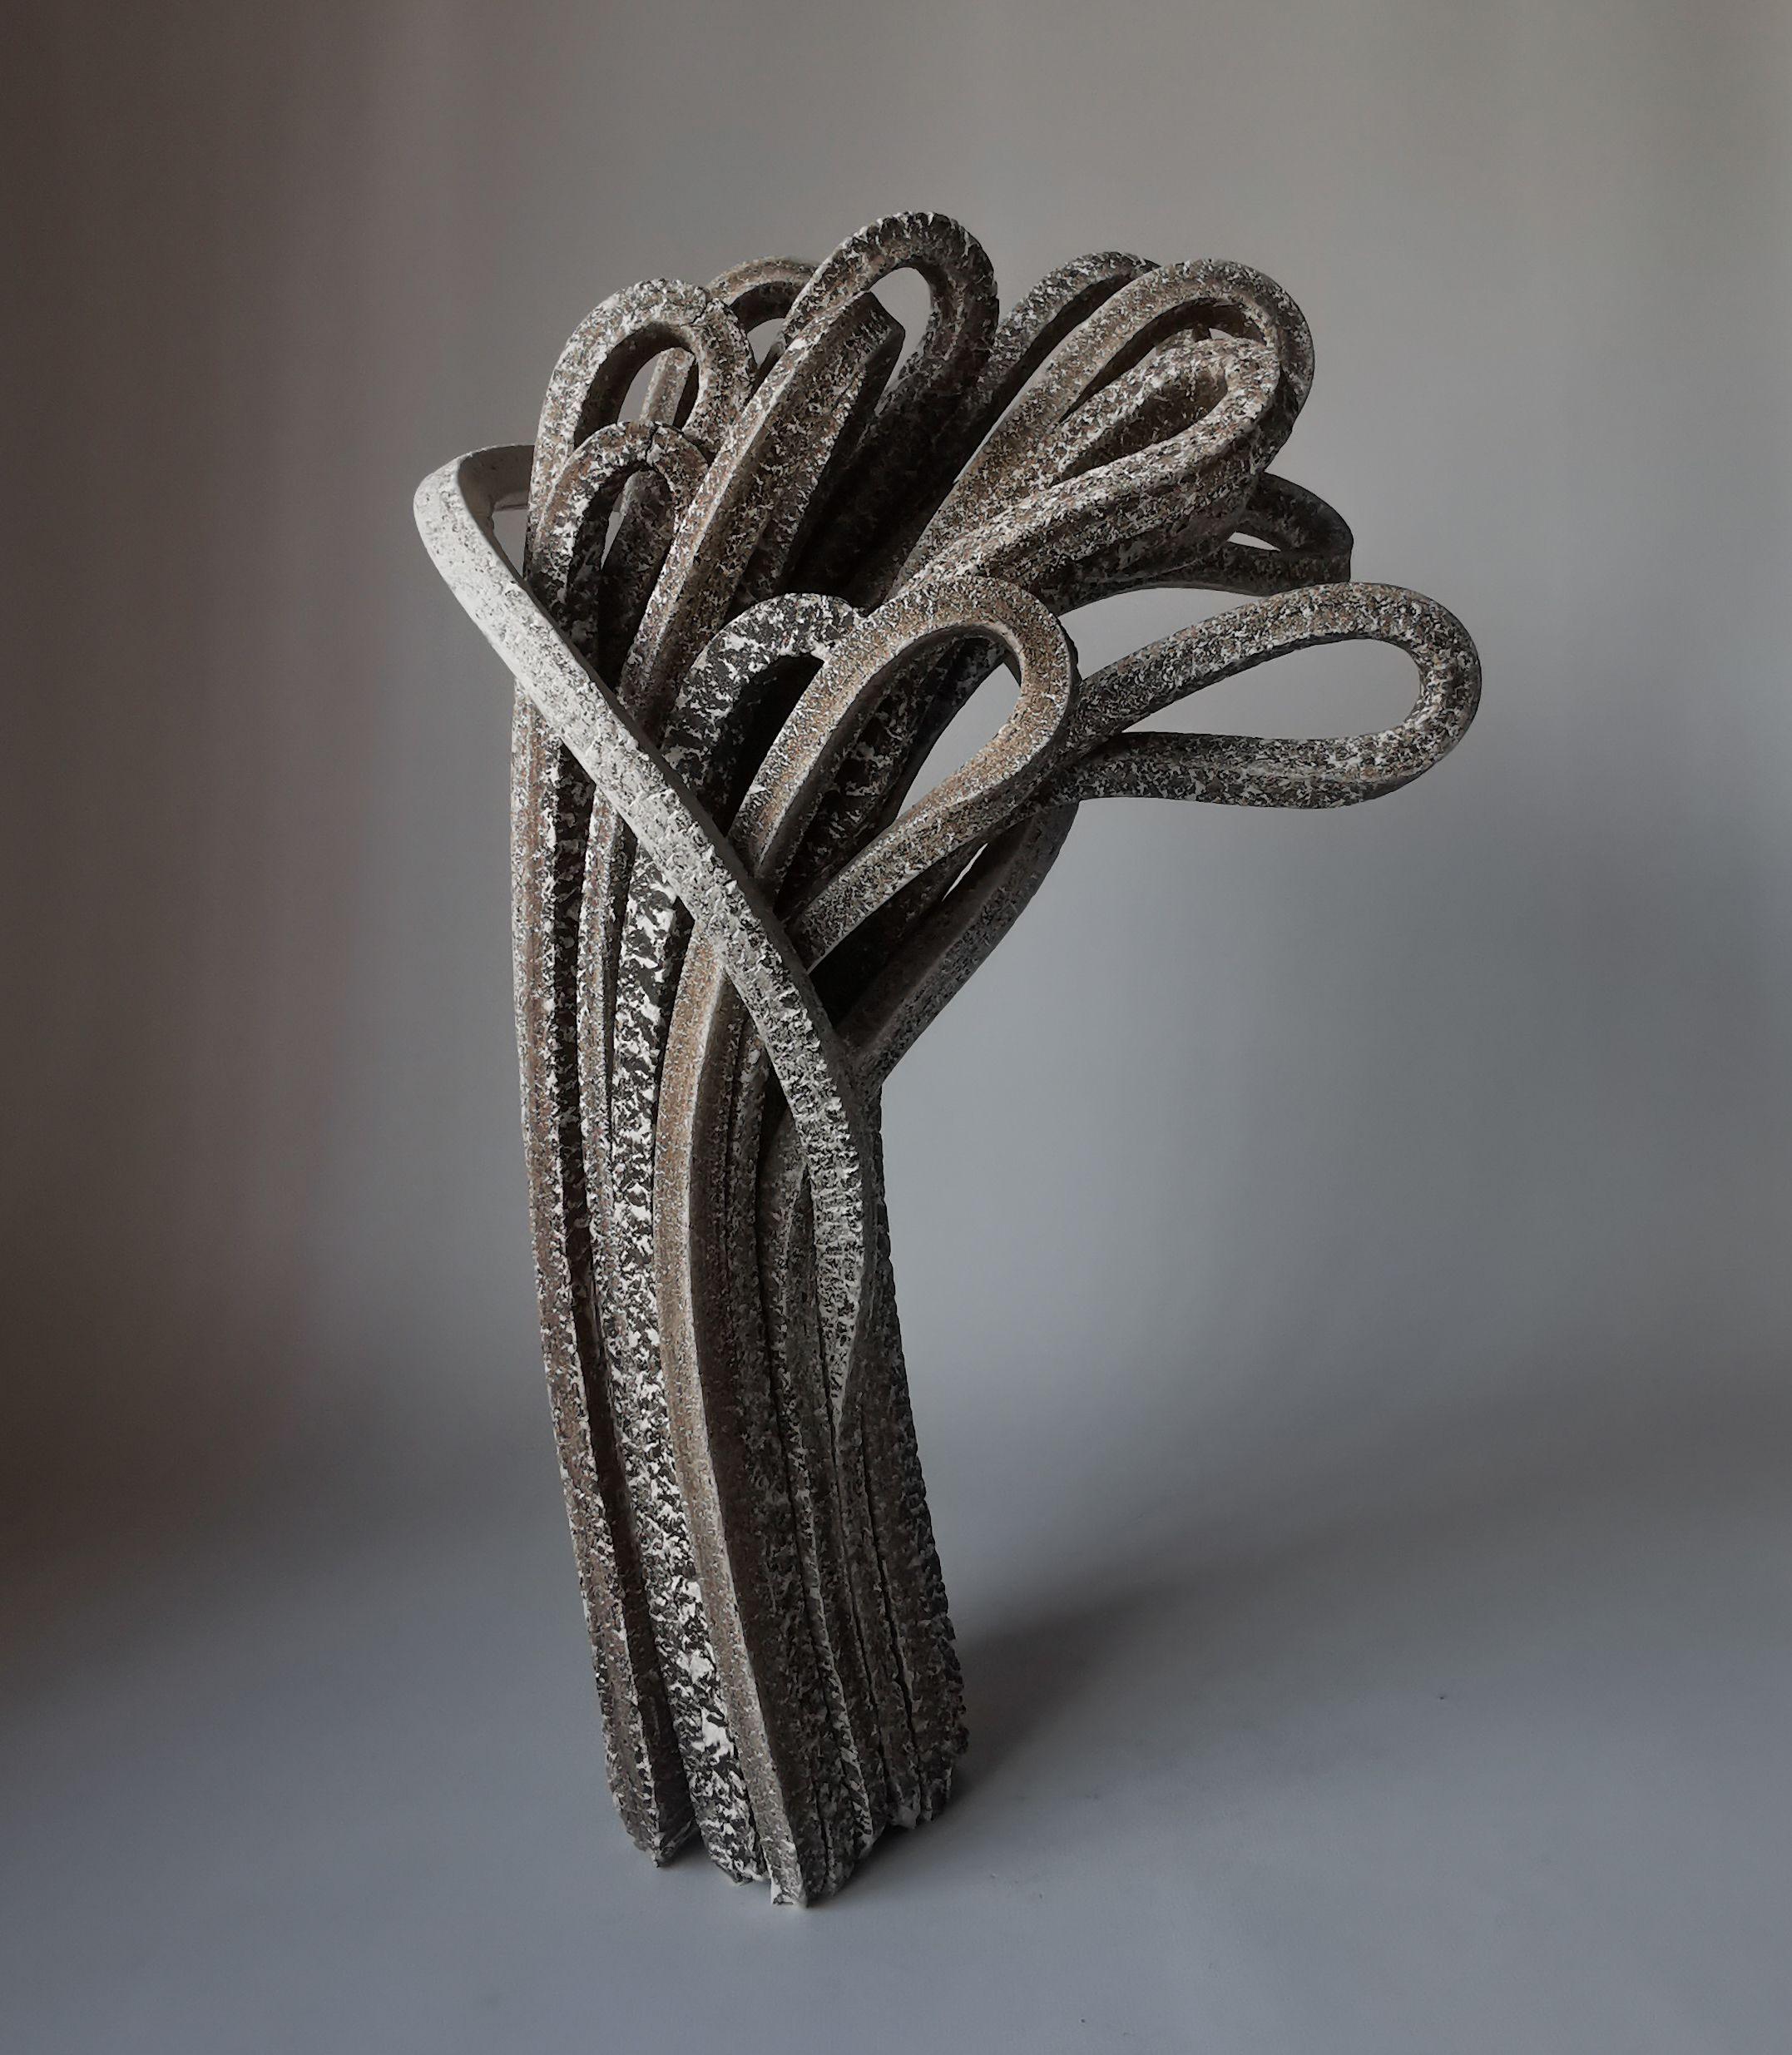 Os limites da cerâmica pelas mãos do espanhol Alberto Bustos